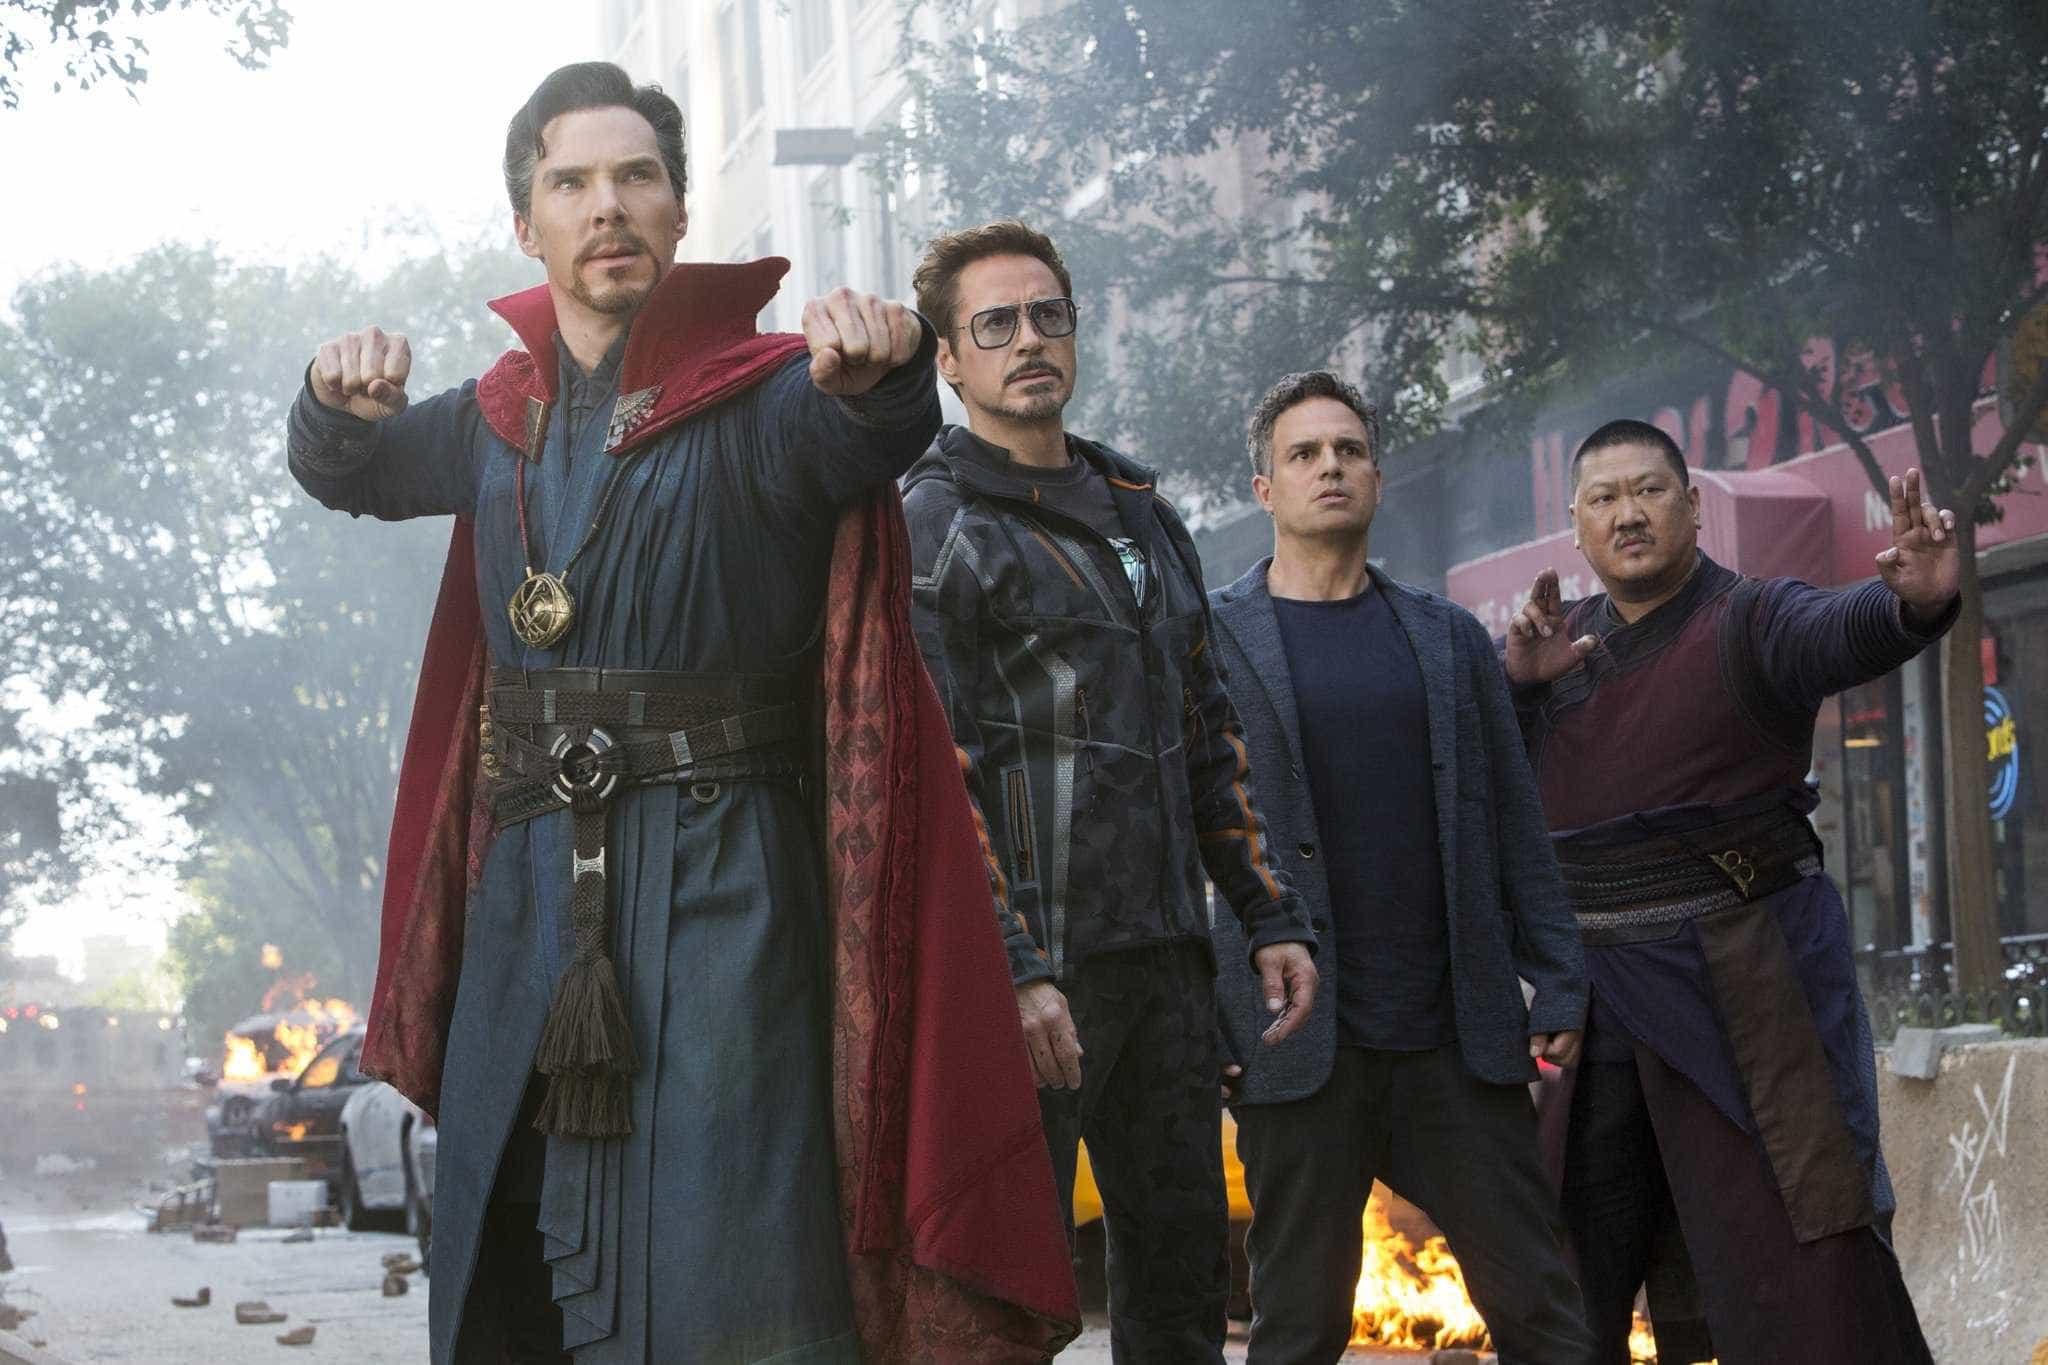 'Vingadores: Guerra Infinita' arrecada mais de US$ 178,5 milhões